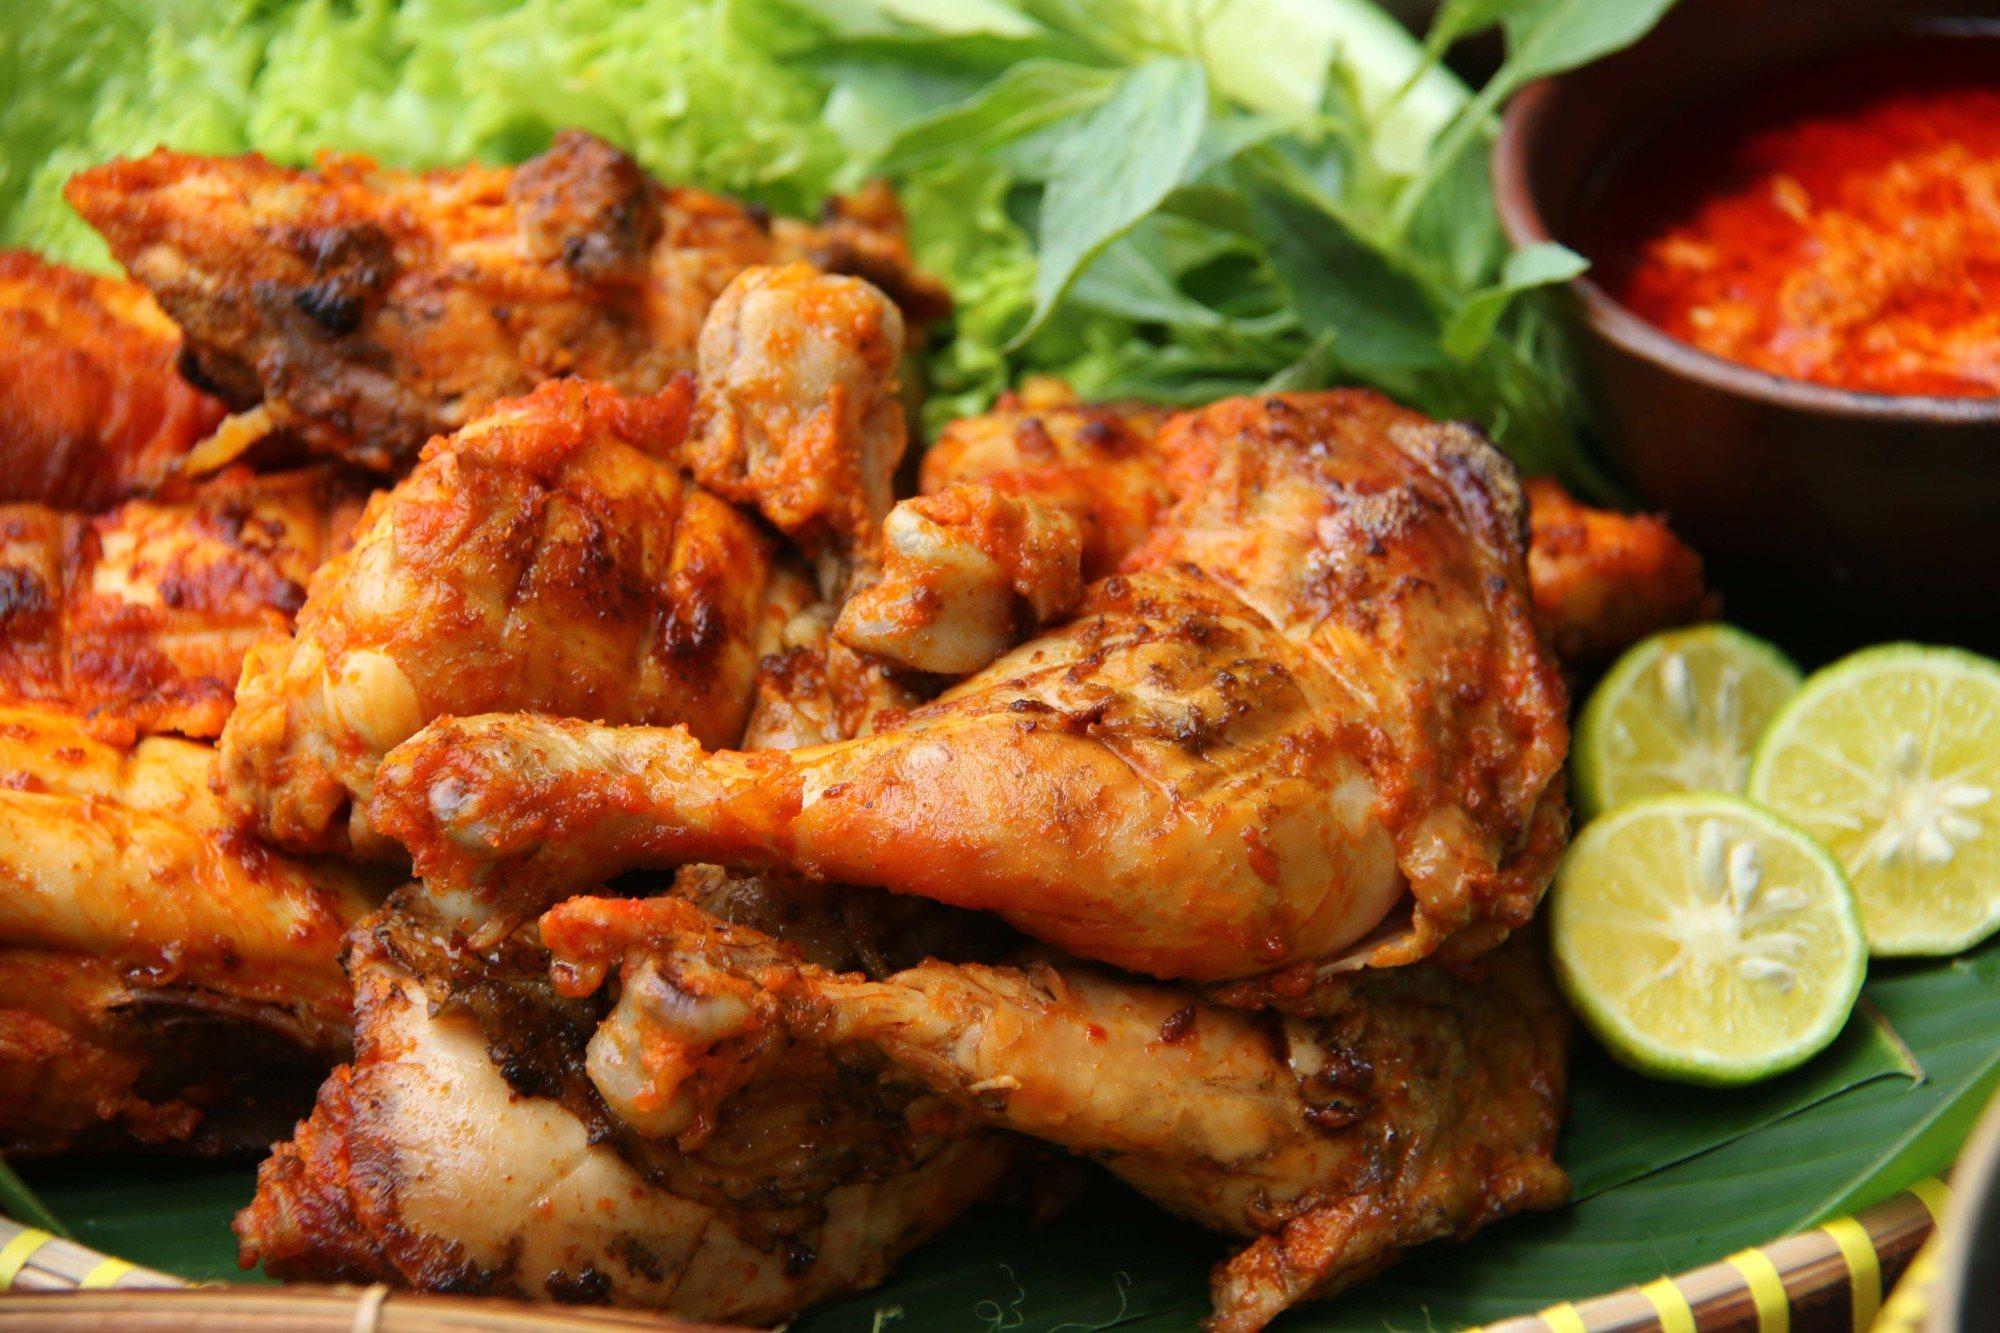 Resep Ayam Bakar Kecap Pedas Manis - Masak Apa Hari Ini?